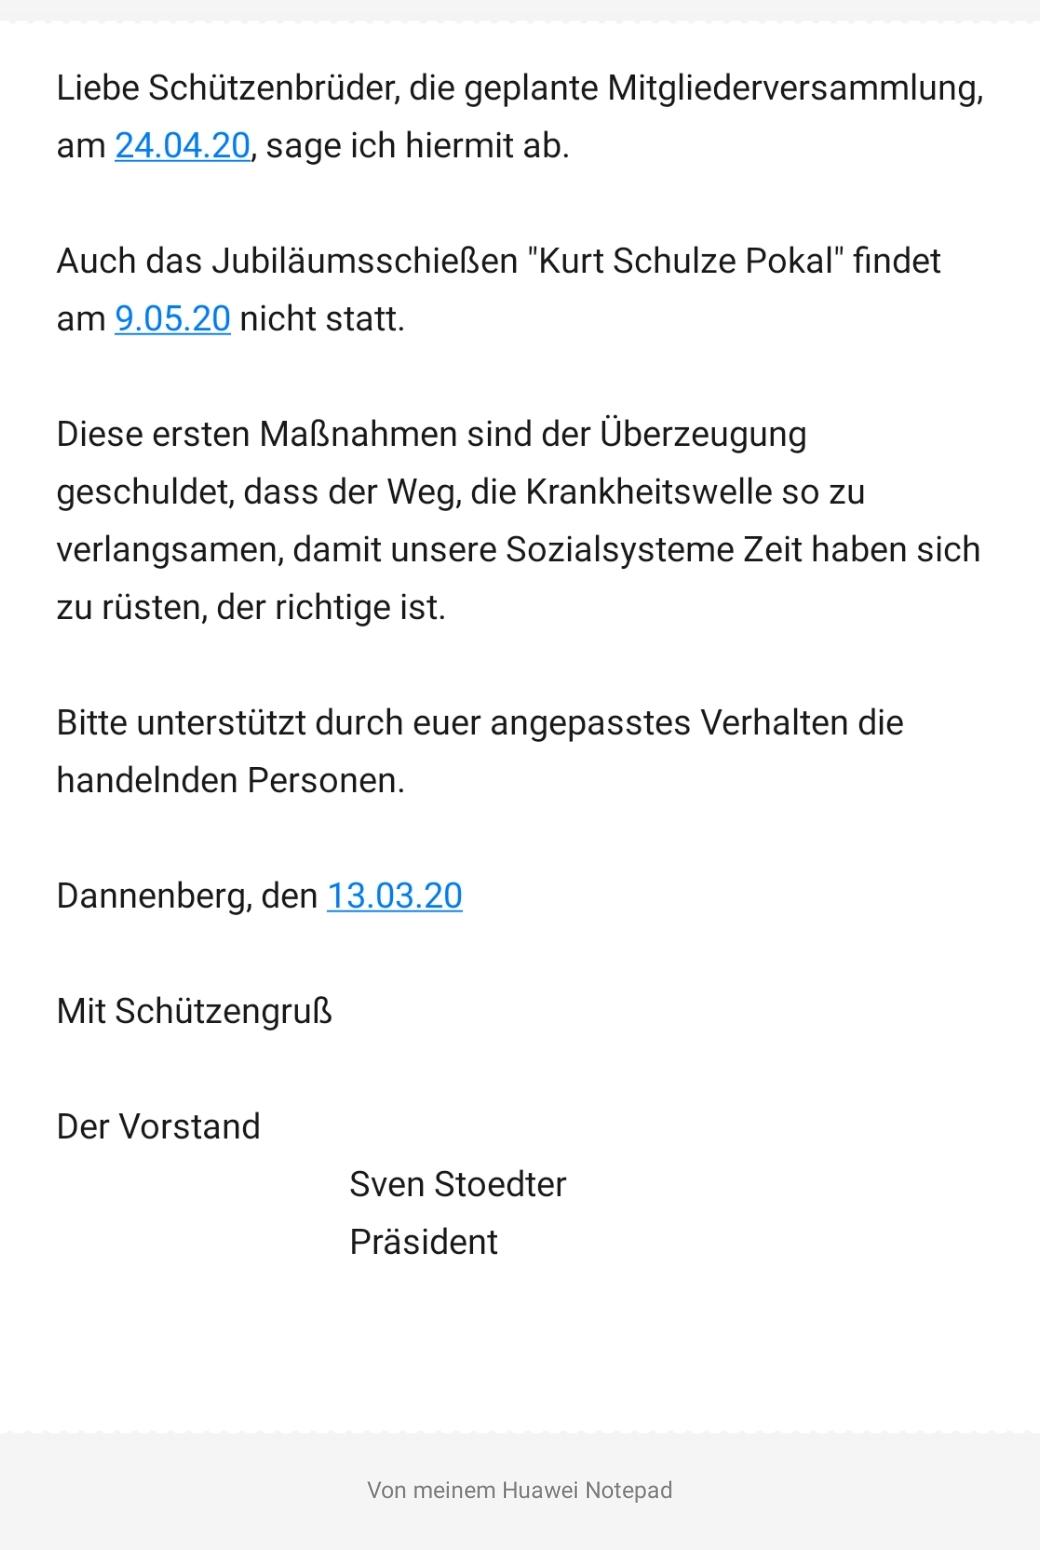 Die Gilde Mitgliederversammlung am 24.04.20 ist abgesagt